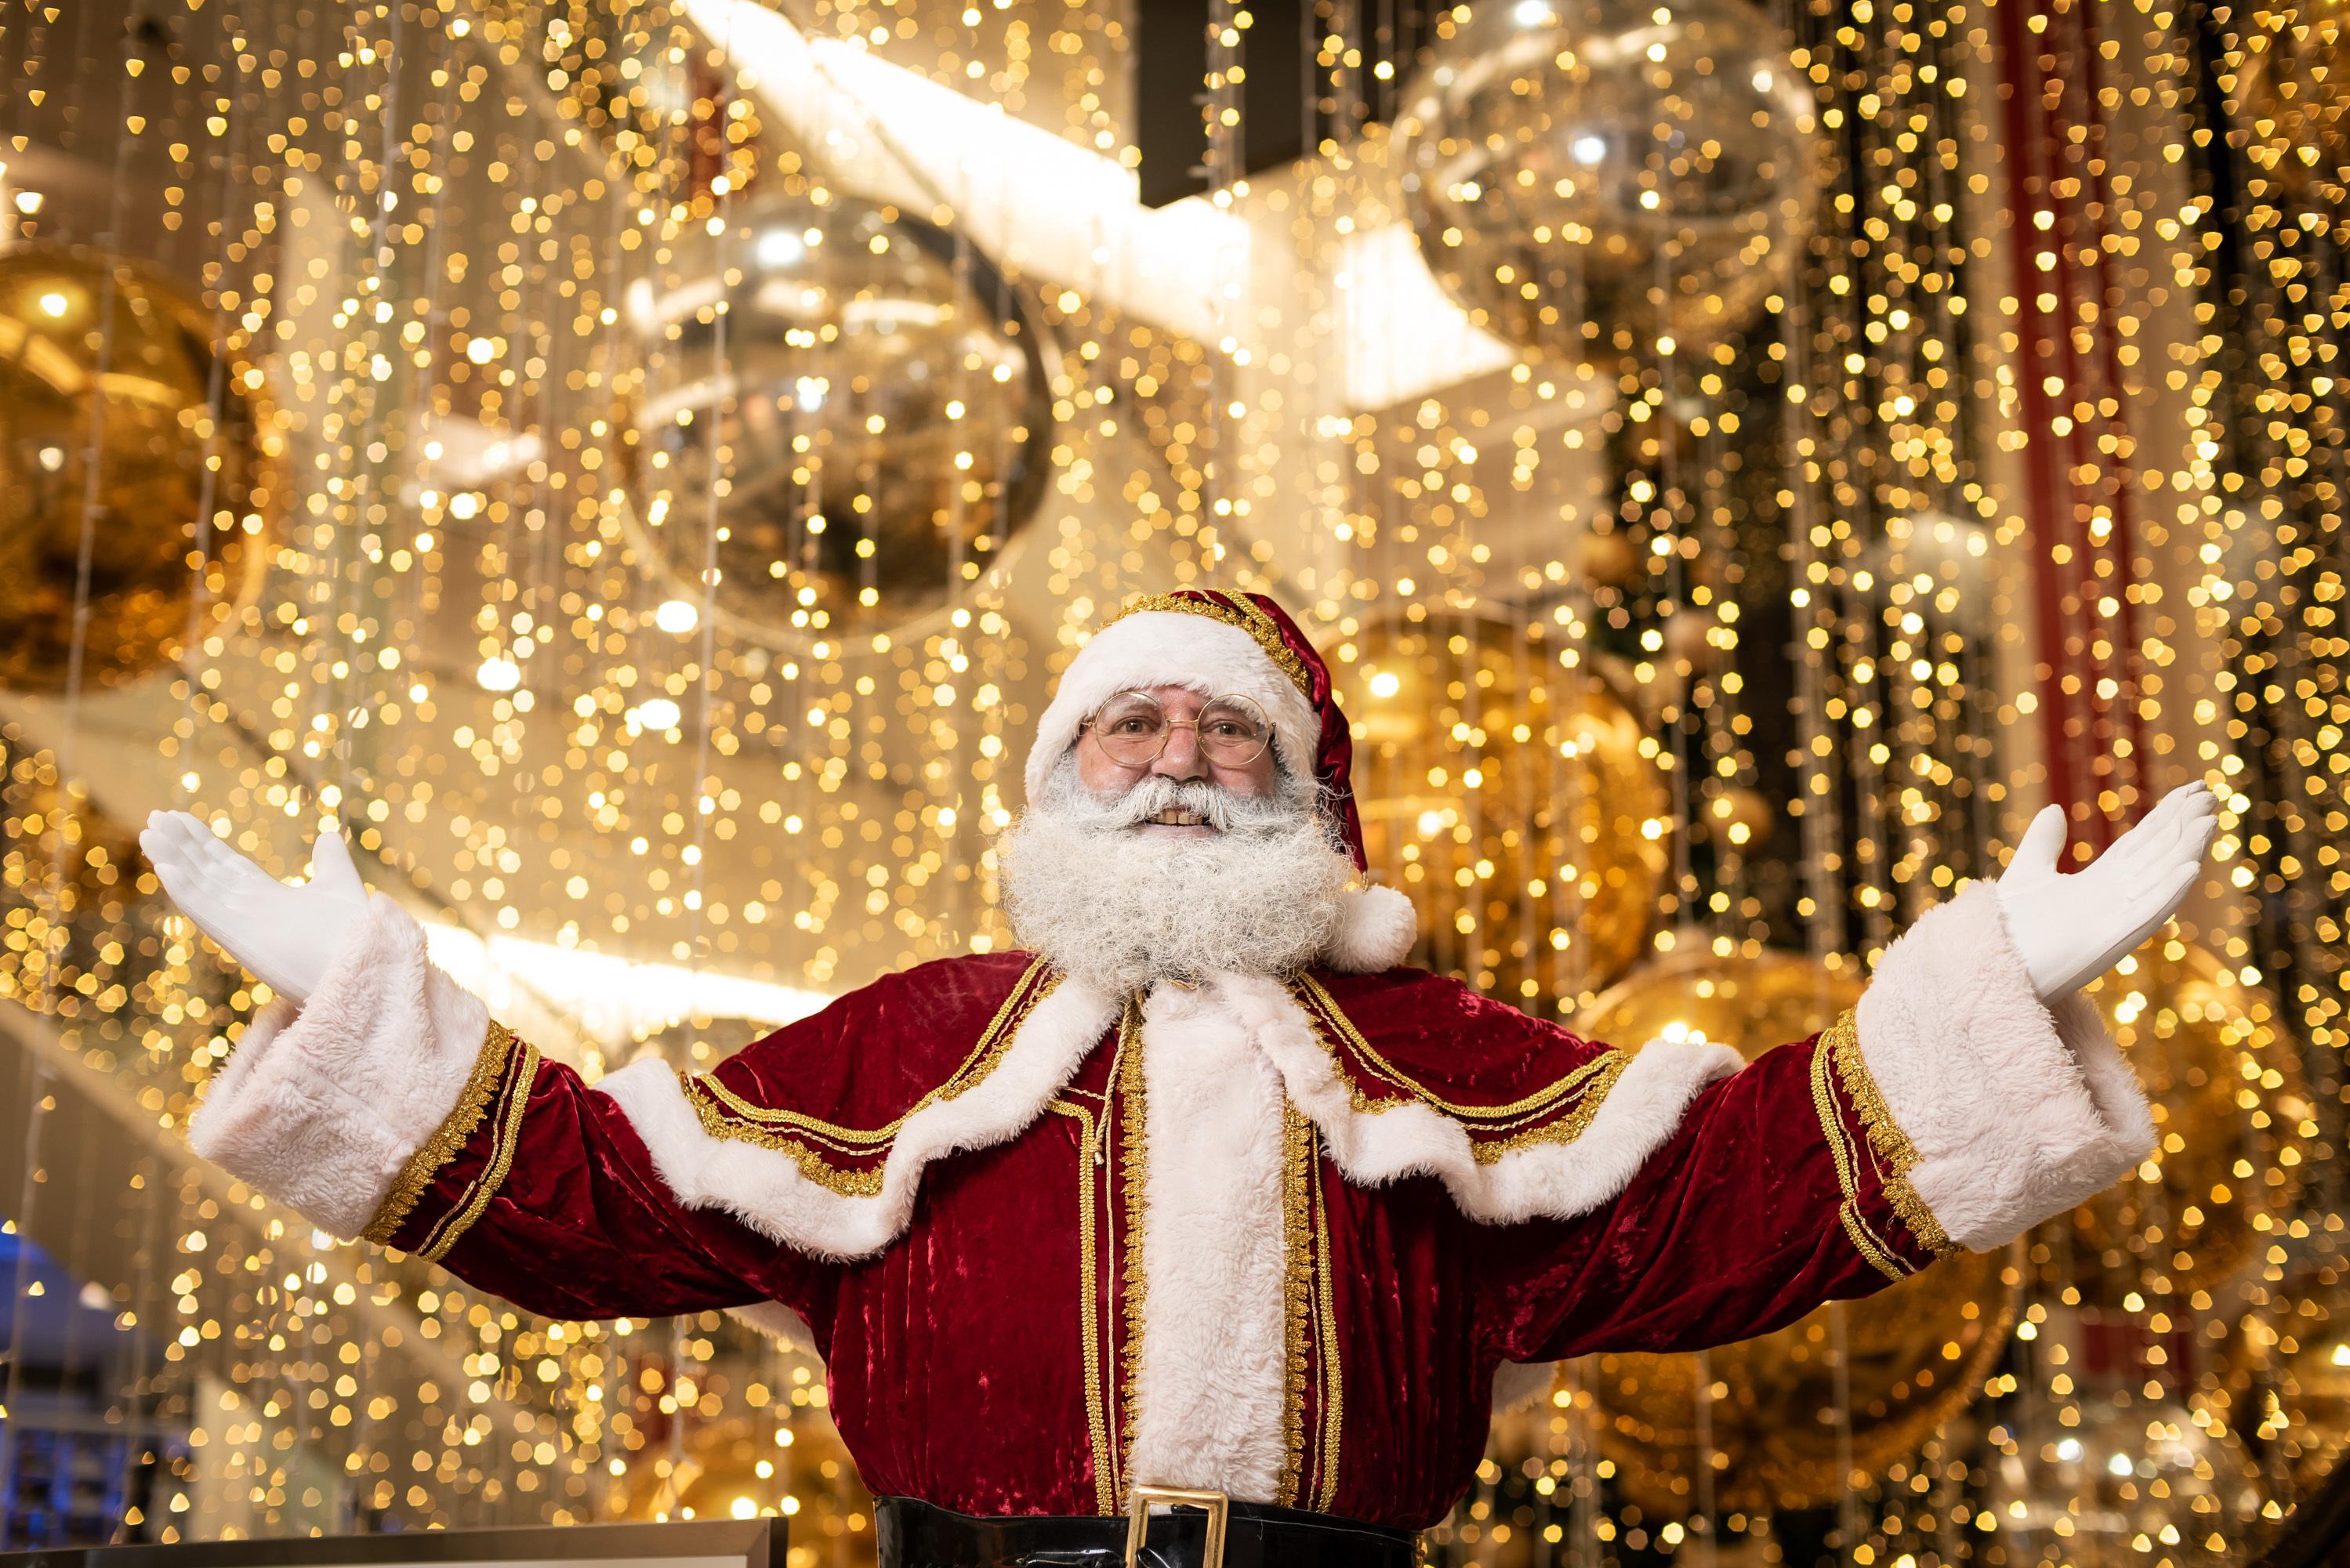 b0426d04 79ce 4bfd a380 c70cad4aa63a No Natal, Taguatinga Shopping celebra seus 20 anos com decoração especial comemorativa